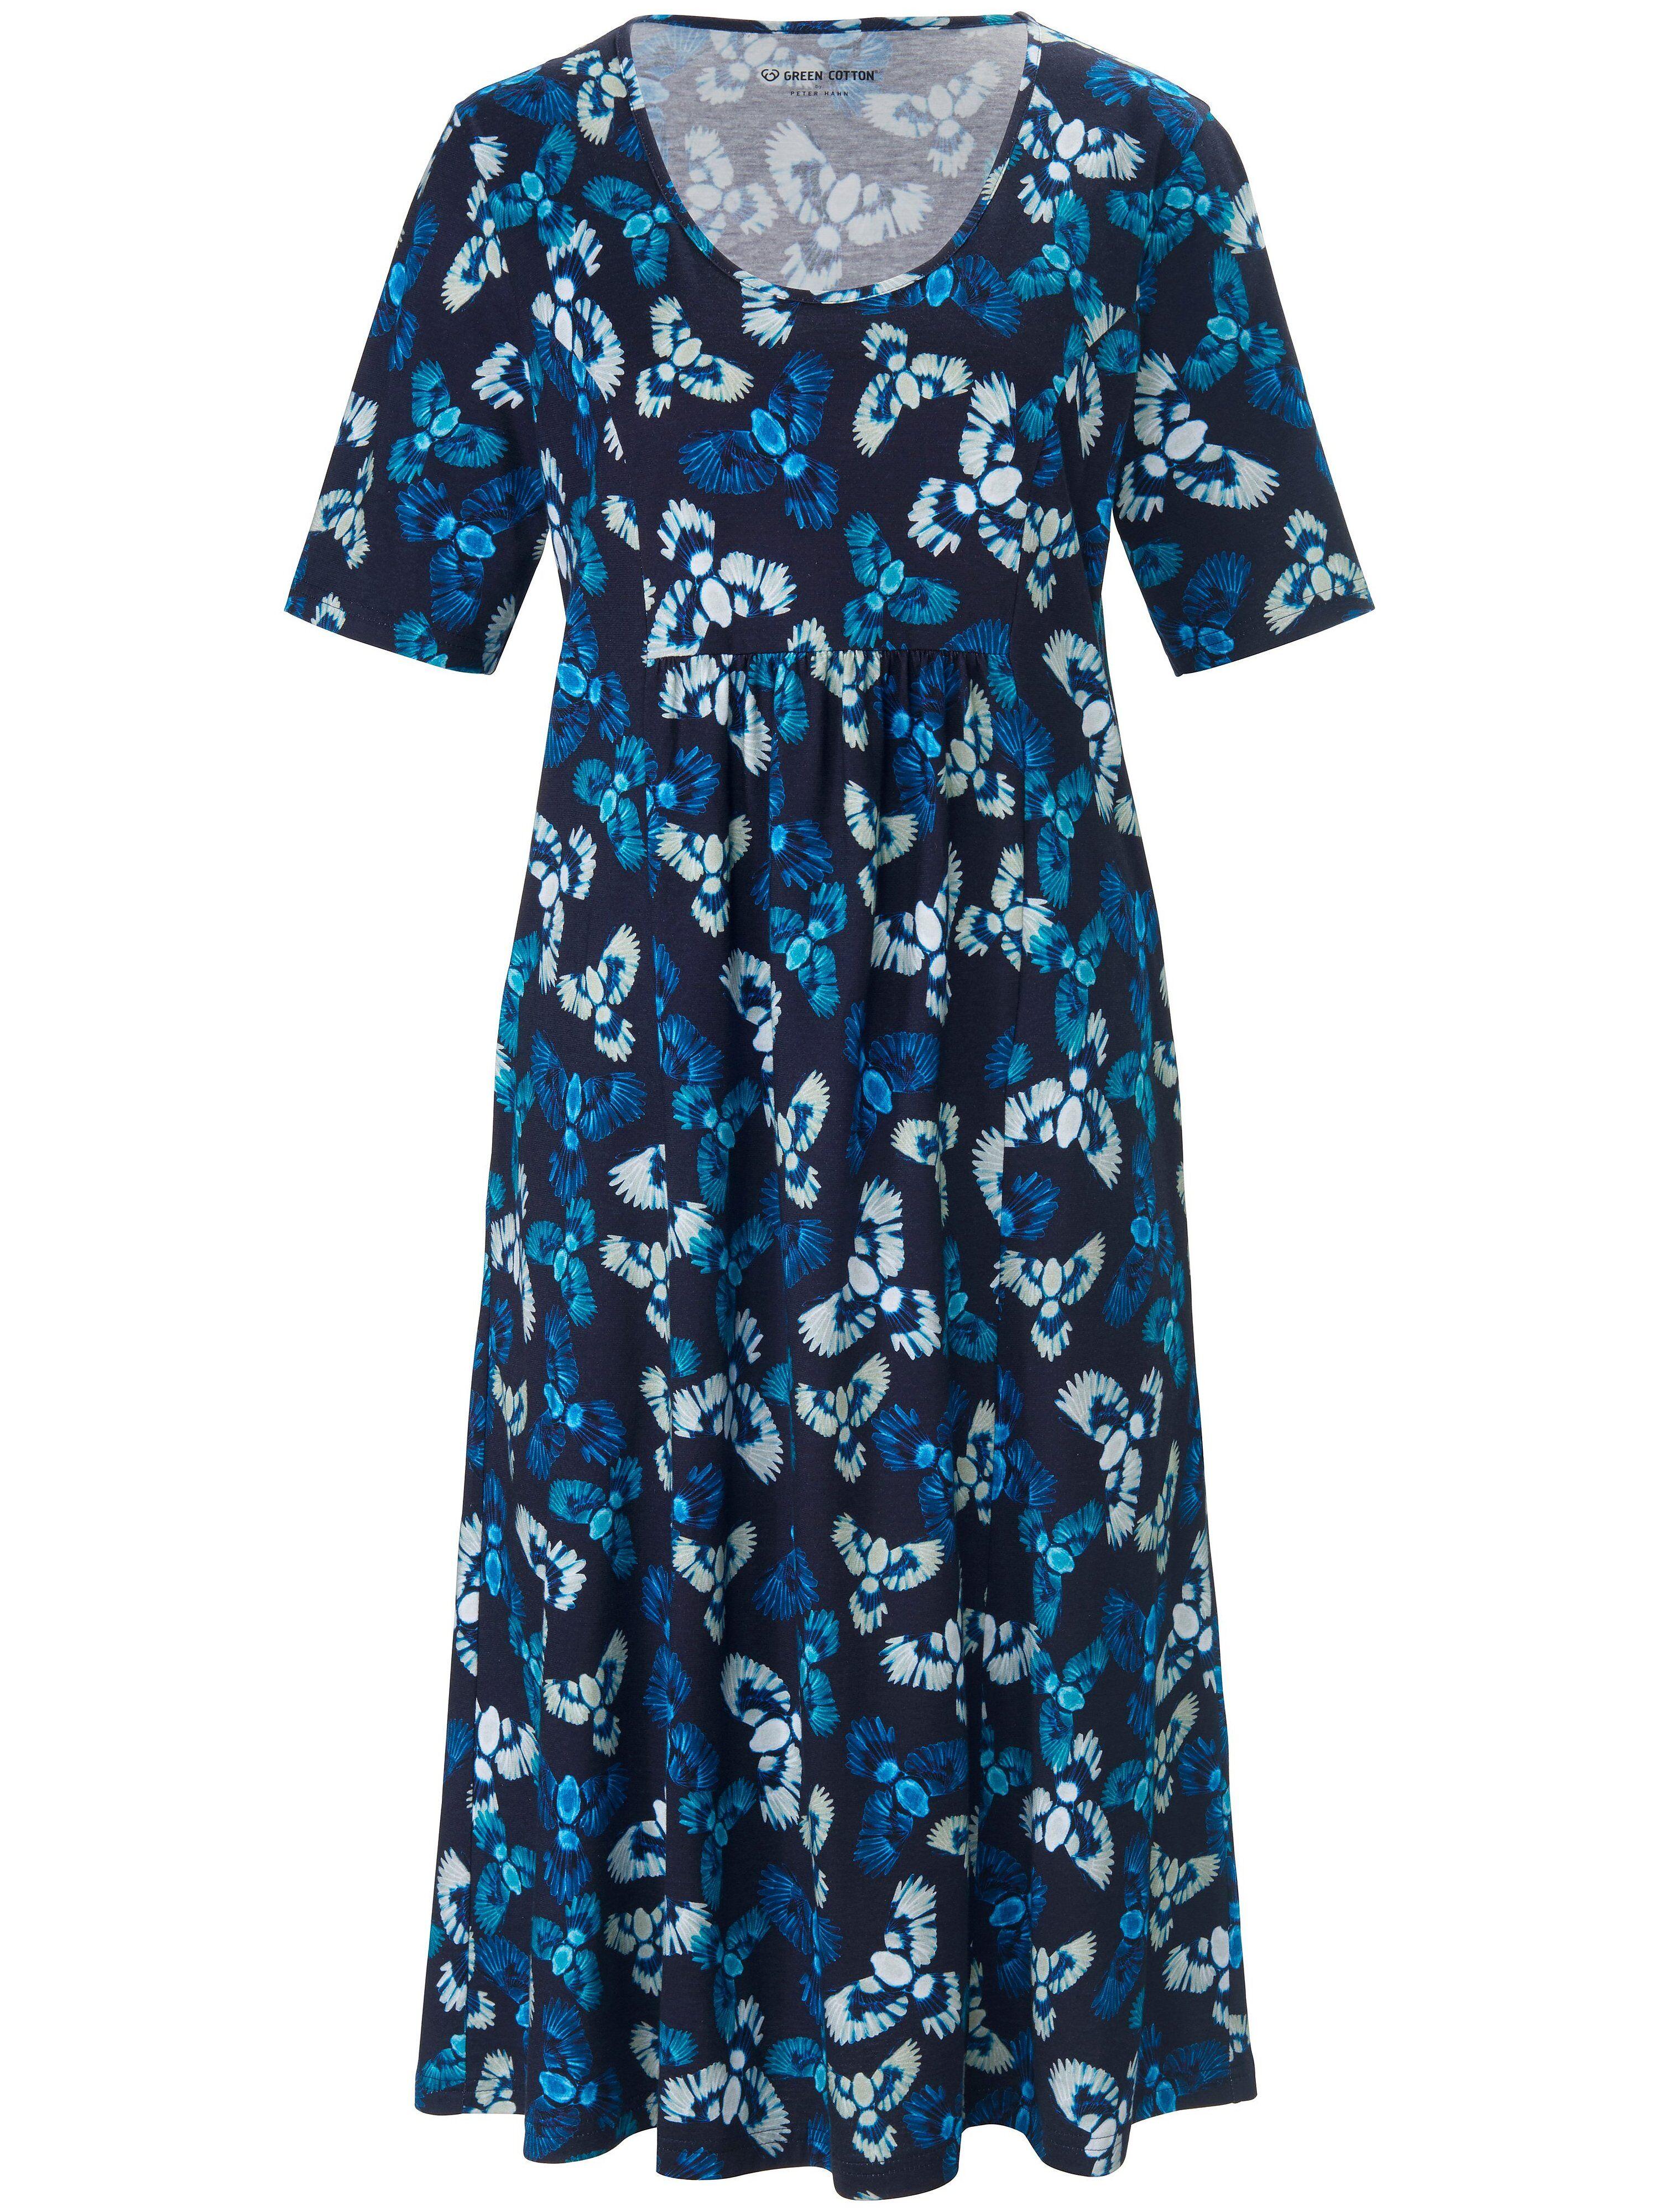 Green Cotton La robe en jersey 100% coton  Green Cotton bleu  - Femme - 38